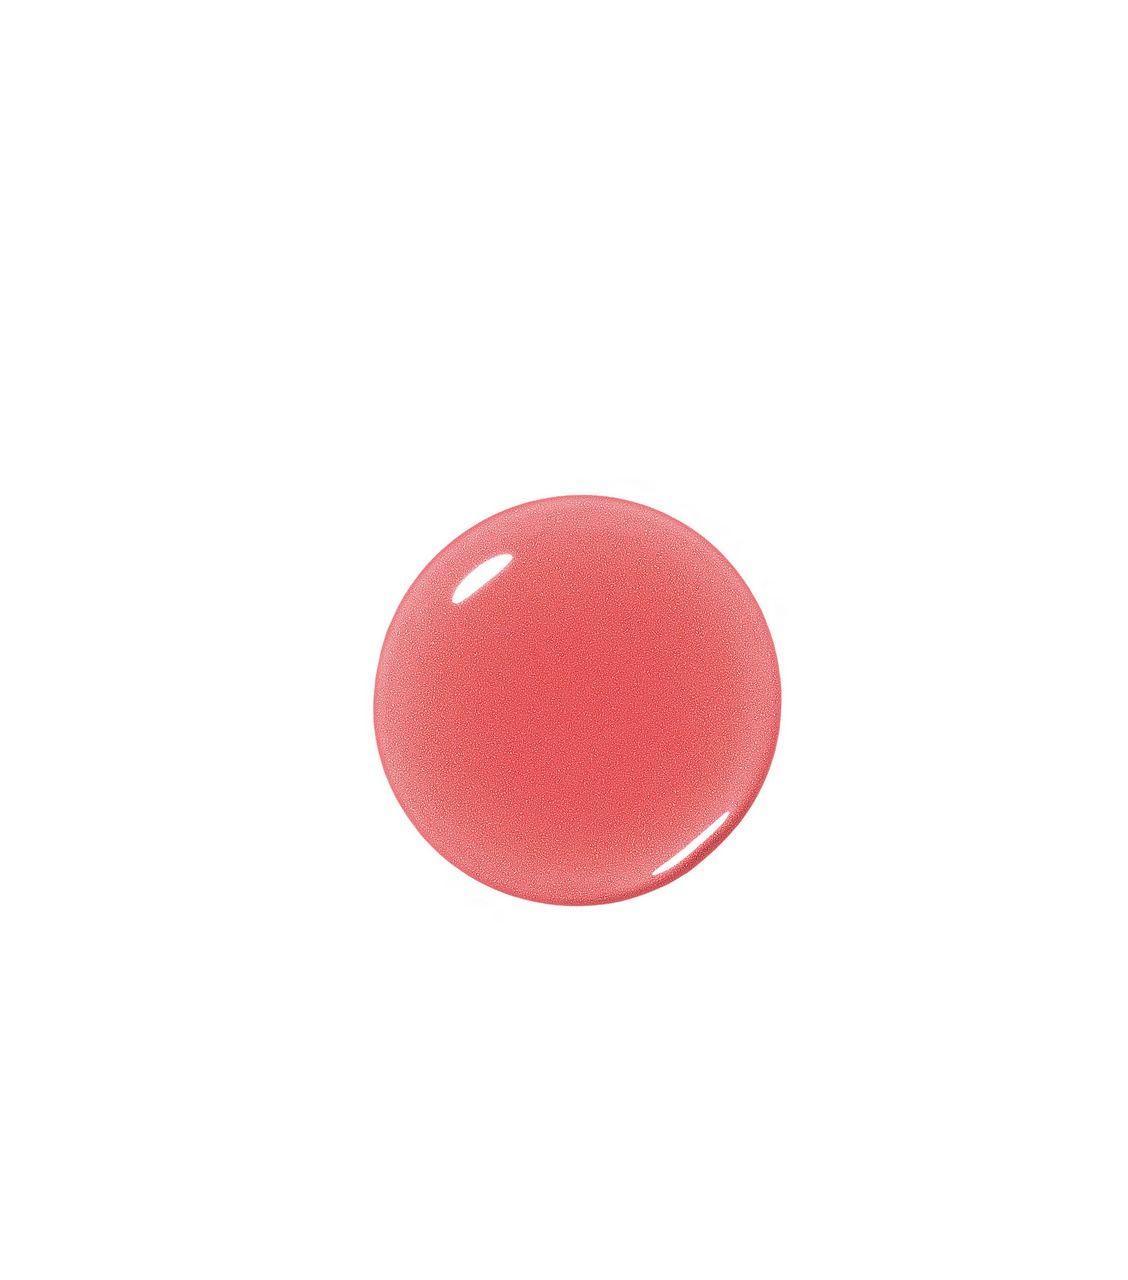 Portly Peach